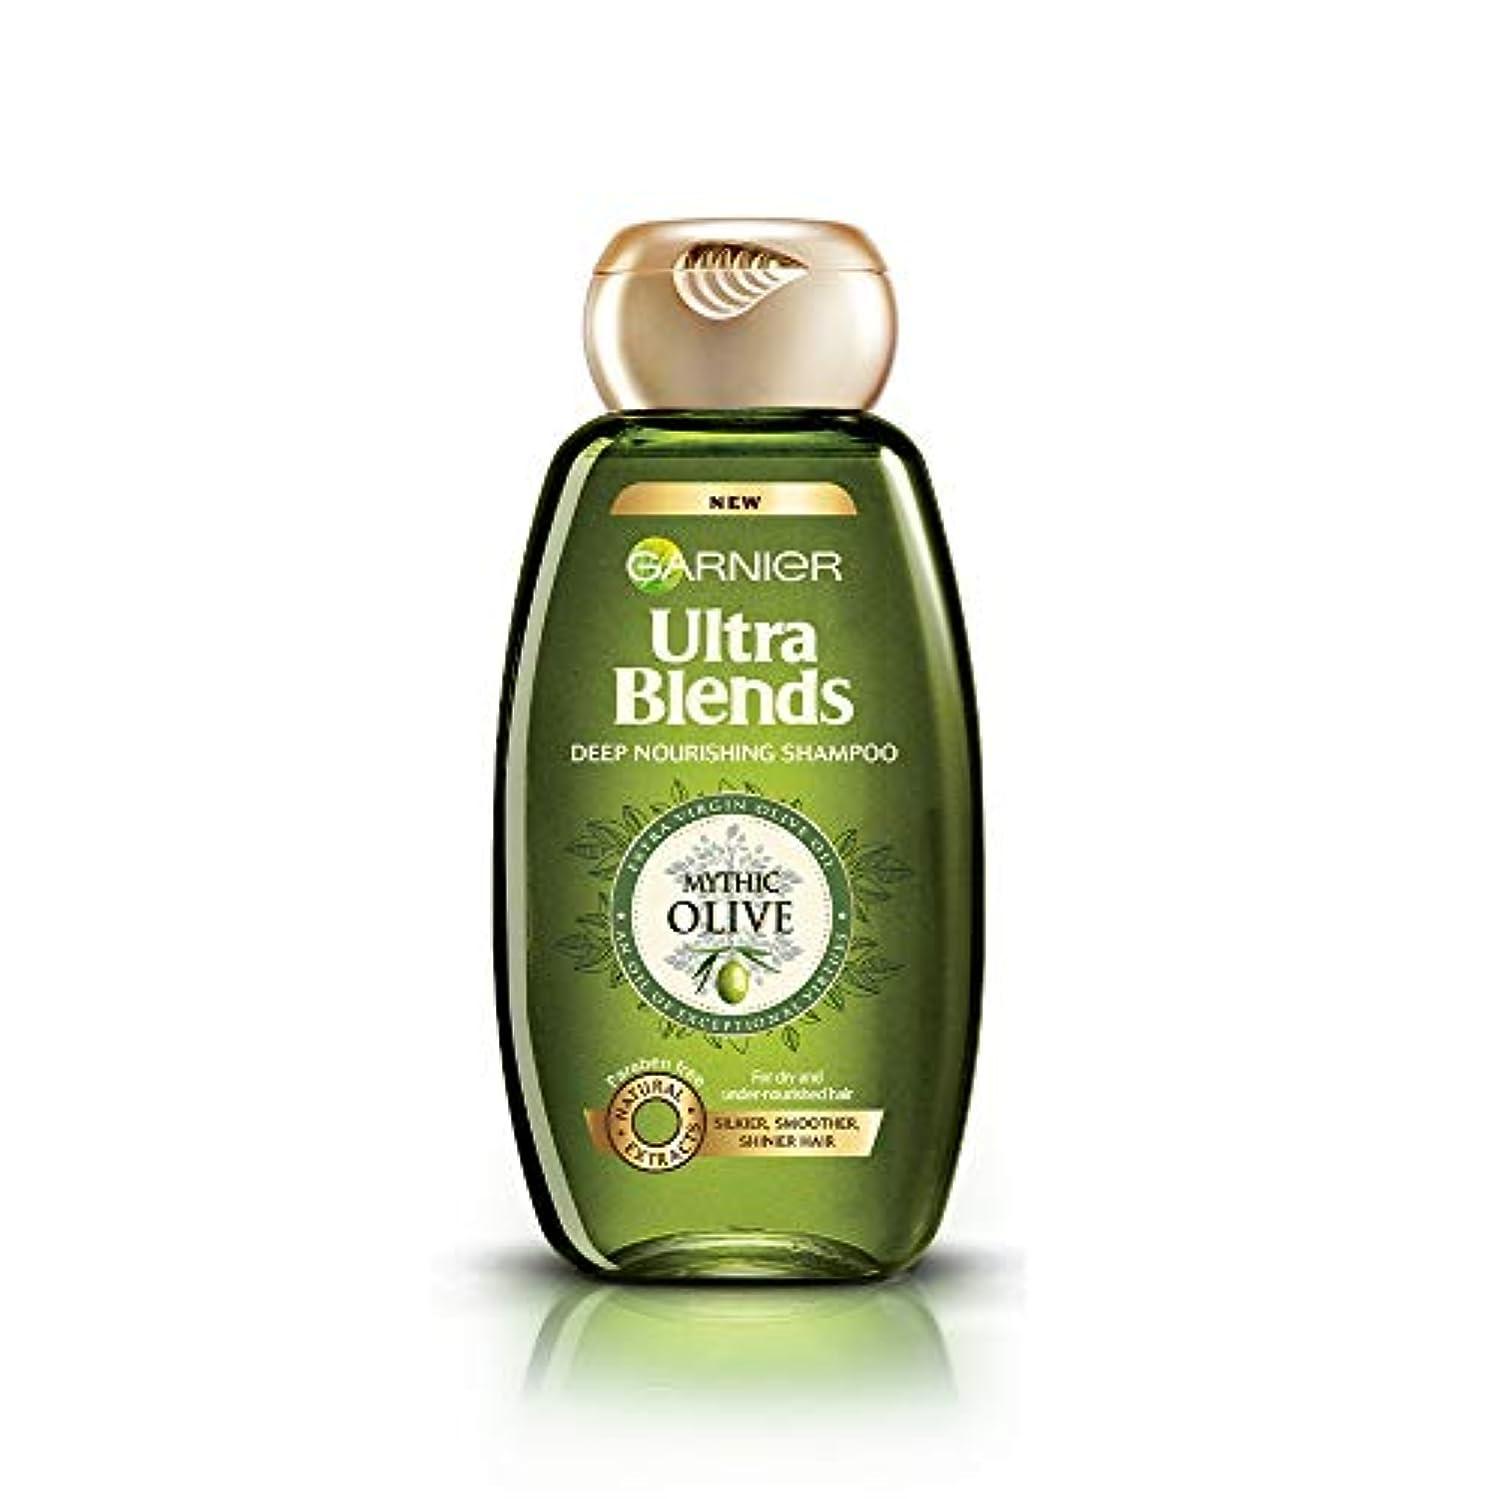 違反する冒険家習慣Garnier Ultra Blends Shampoo, Mythic Olive, 360ml